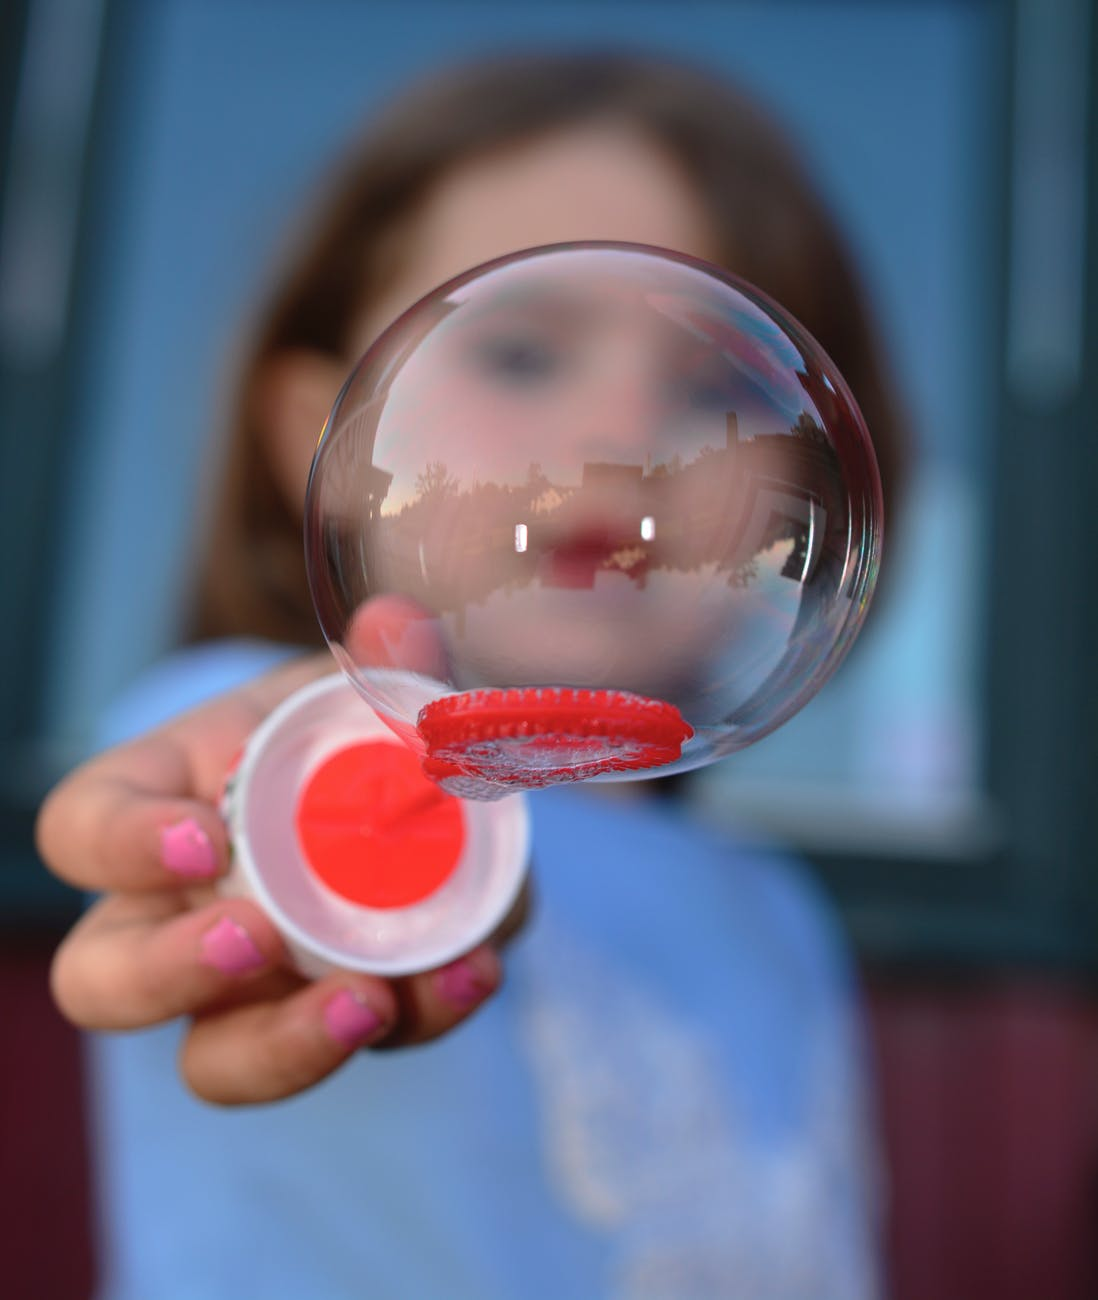 Zo sľubovanej najväčšej reformy za štvrťstoročie ostala len bublina | Foto – pexels.com